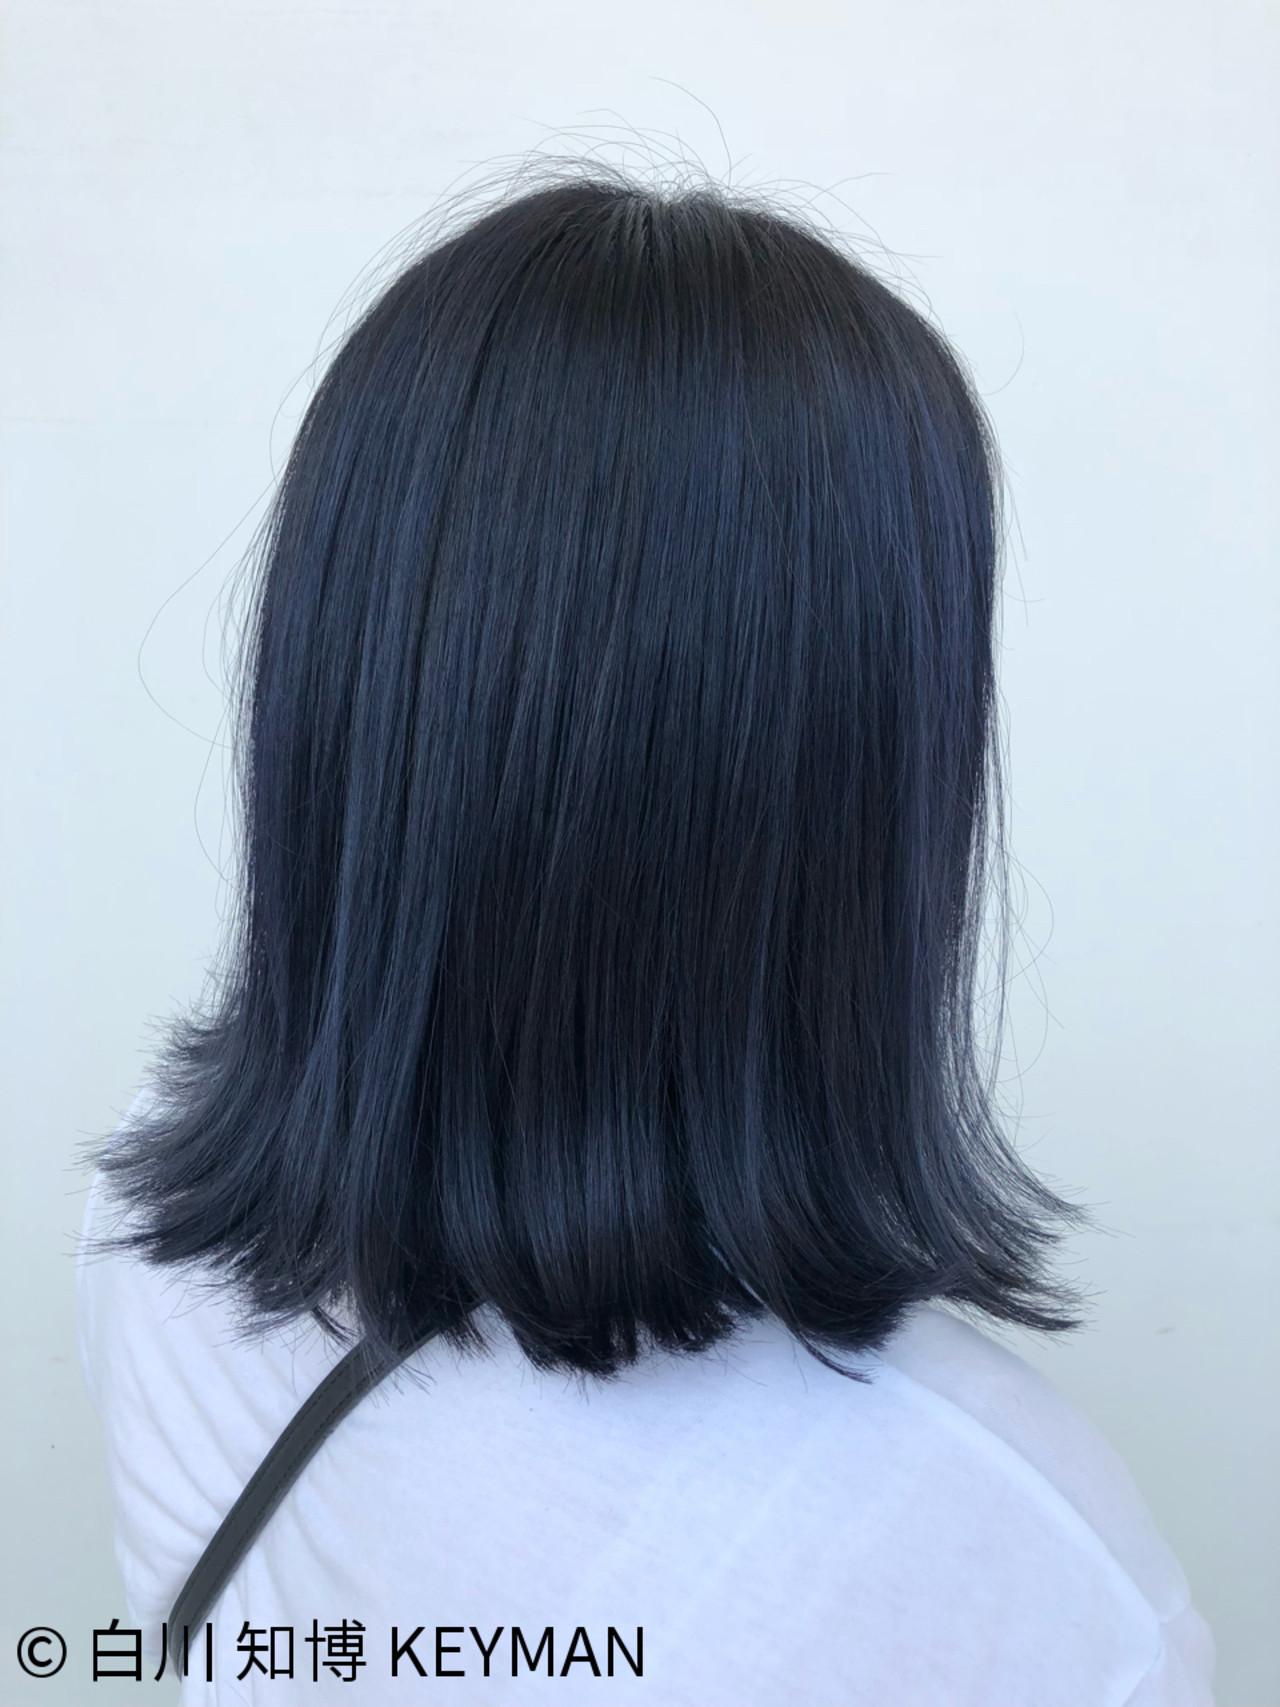 スポーツ ボブ アウトドア ロブ ヘアスタイルや髪型の写真・画像 | 白川 知博 / KEYMAN